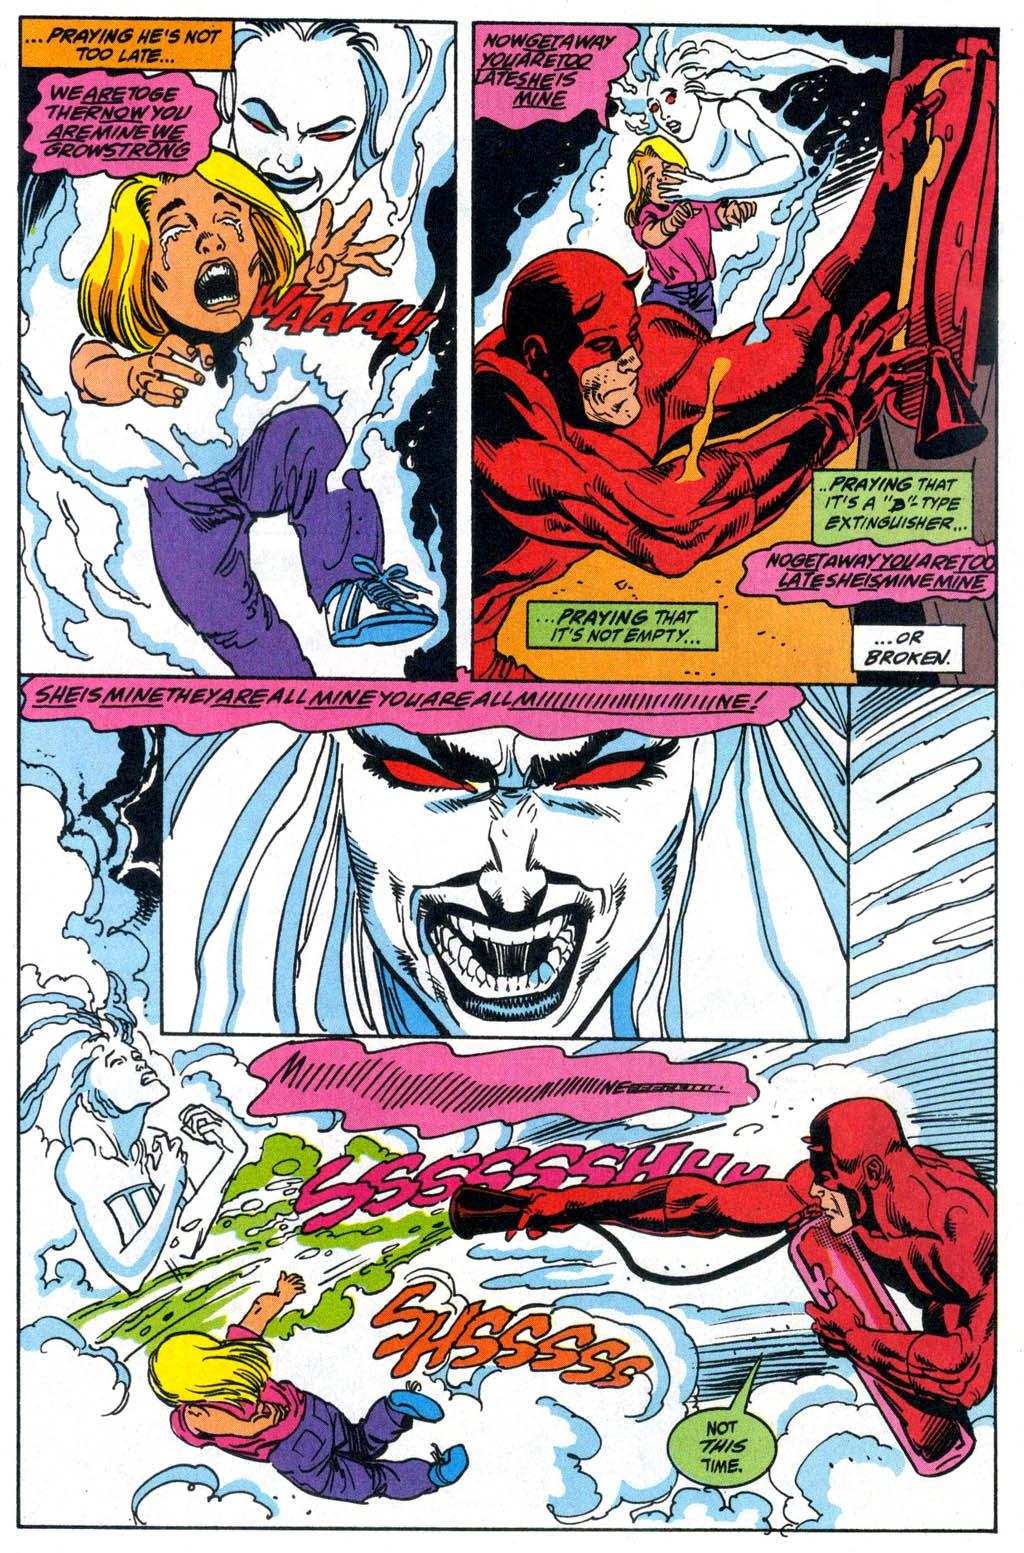 Read online Daredevil vs. Vapora comic -  Issue # Full - 16